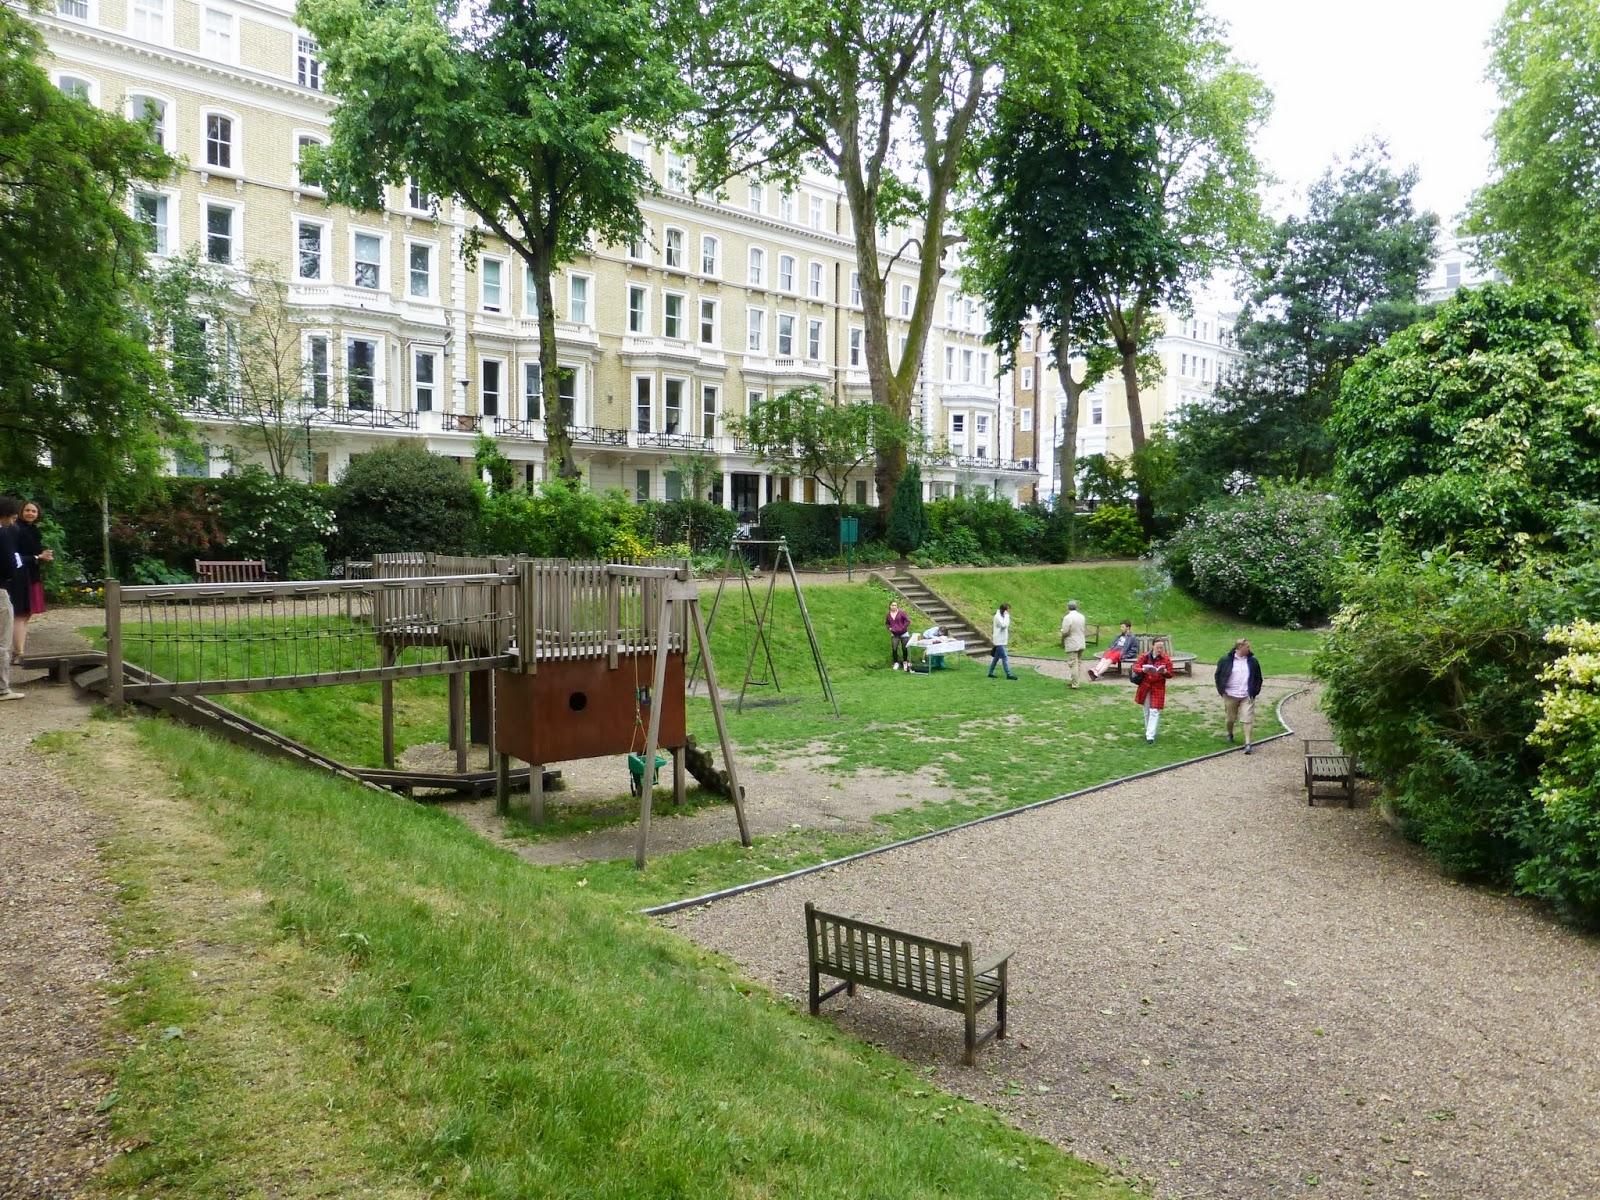 (Courtfield Gardens (East